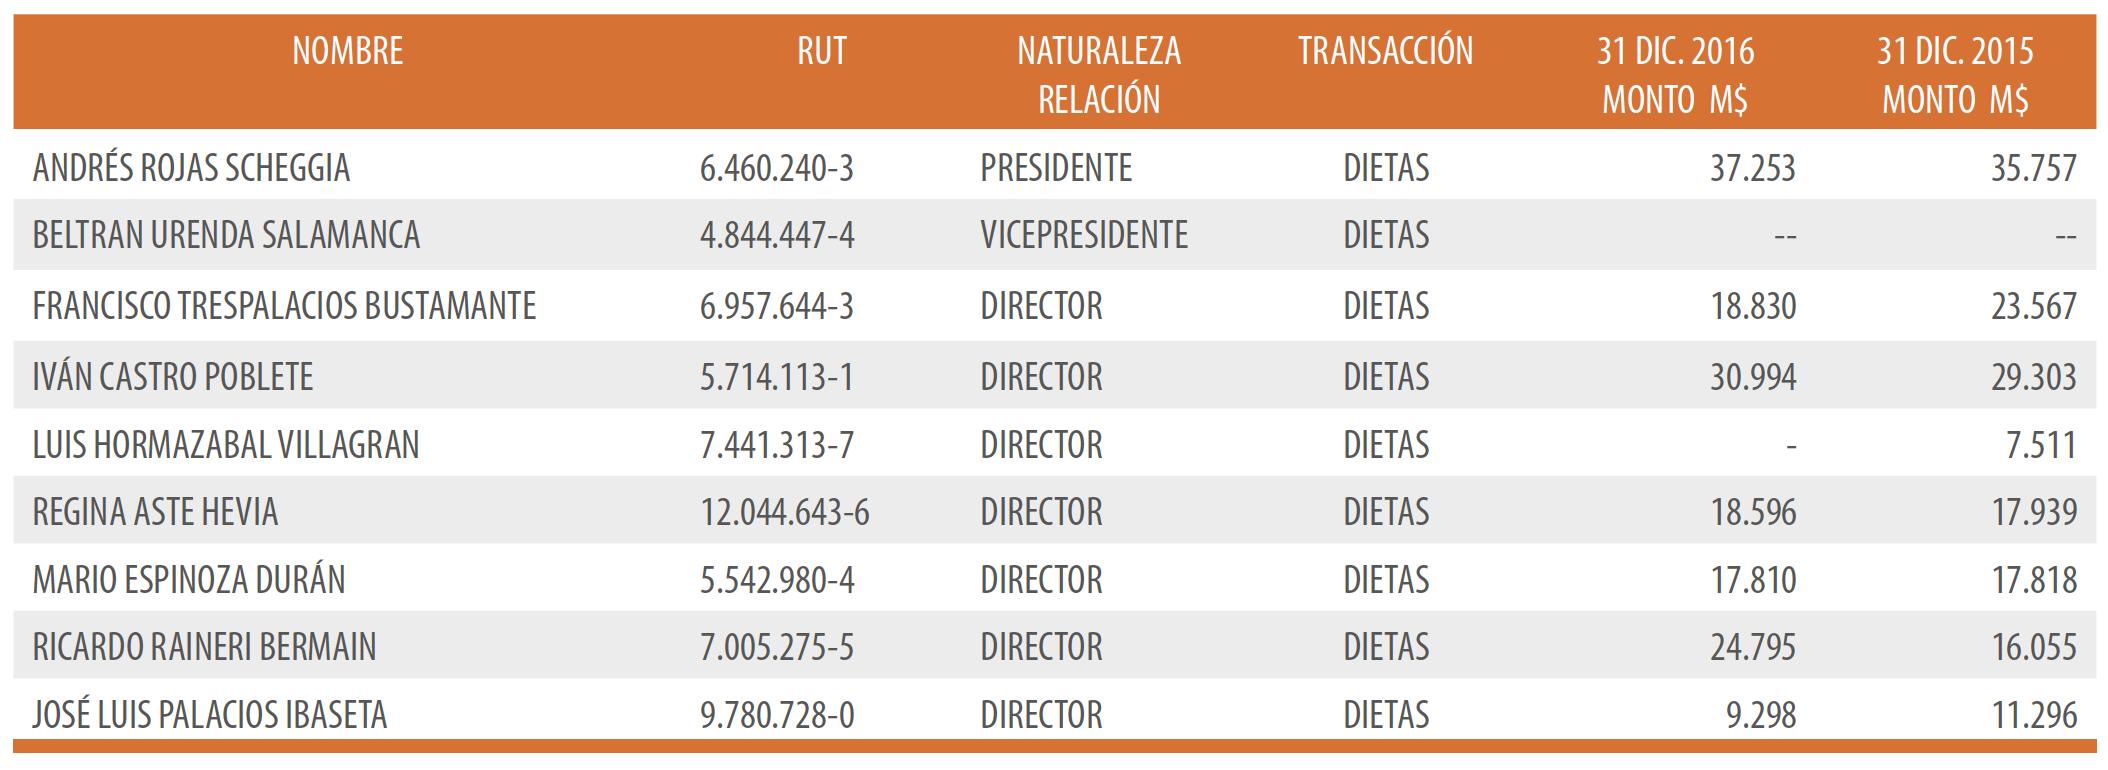 REMUNERACIONES DEL DIRECTORIO Y LA ADMINISTRACIÓN